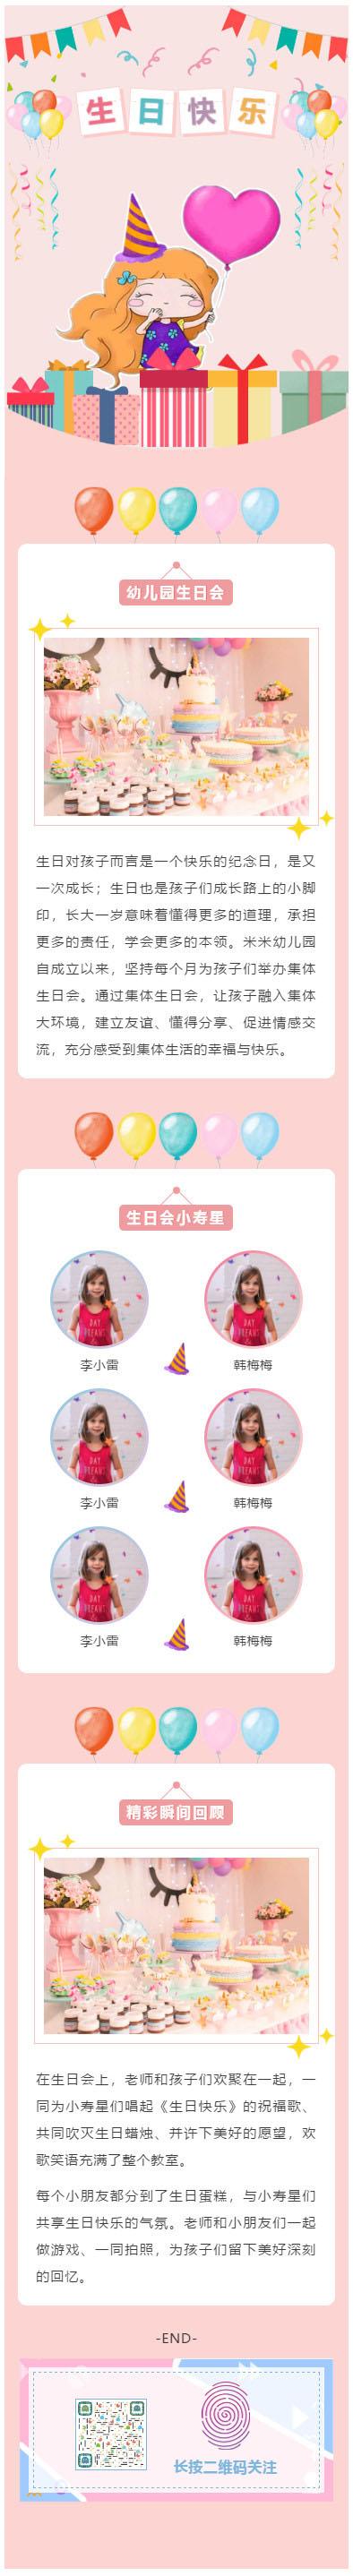 生日会生日快乐粉色背景图可爱卡通风格模板微信推送图文素材